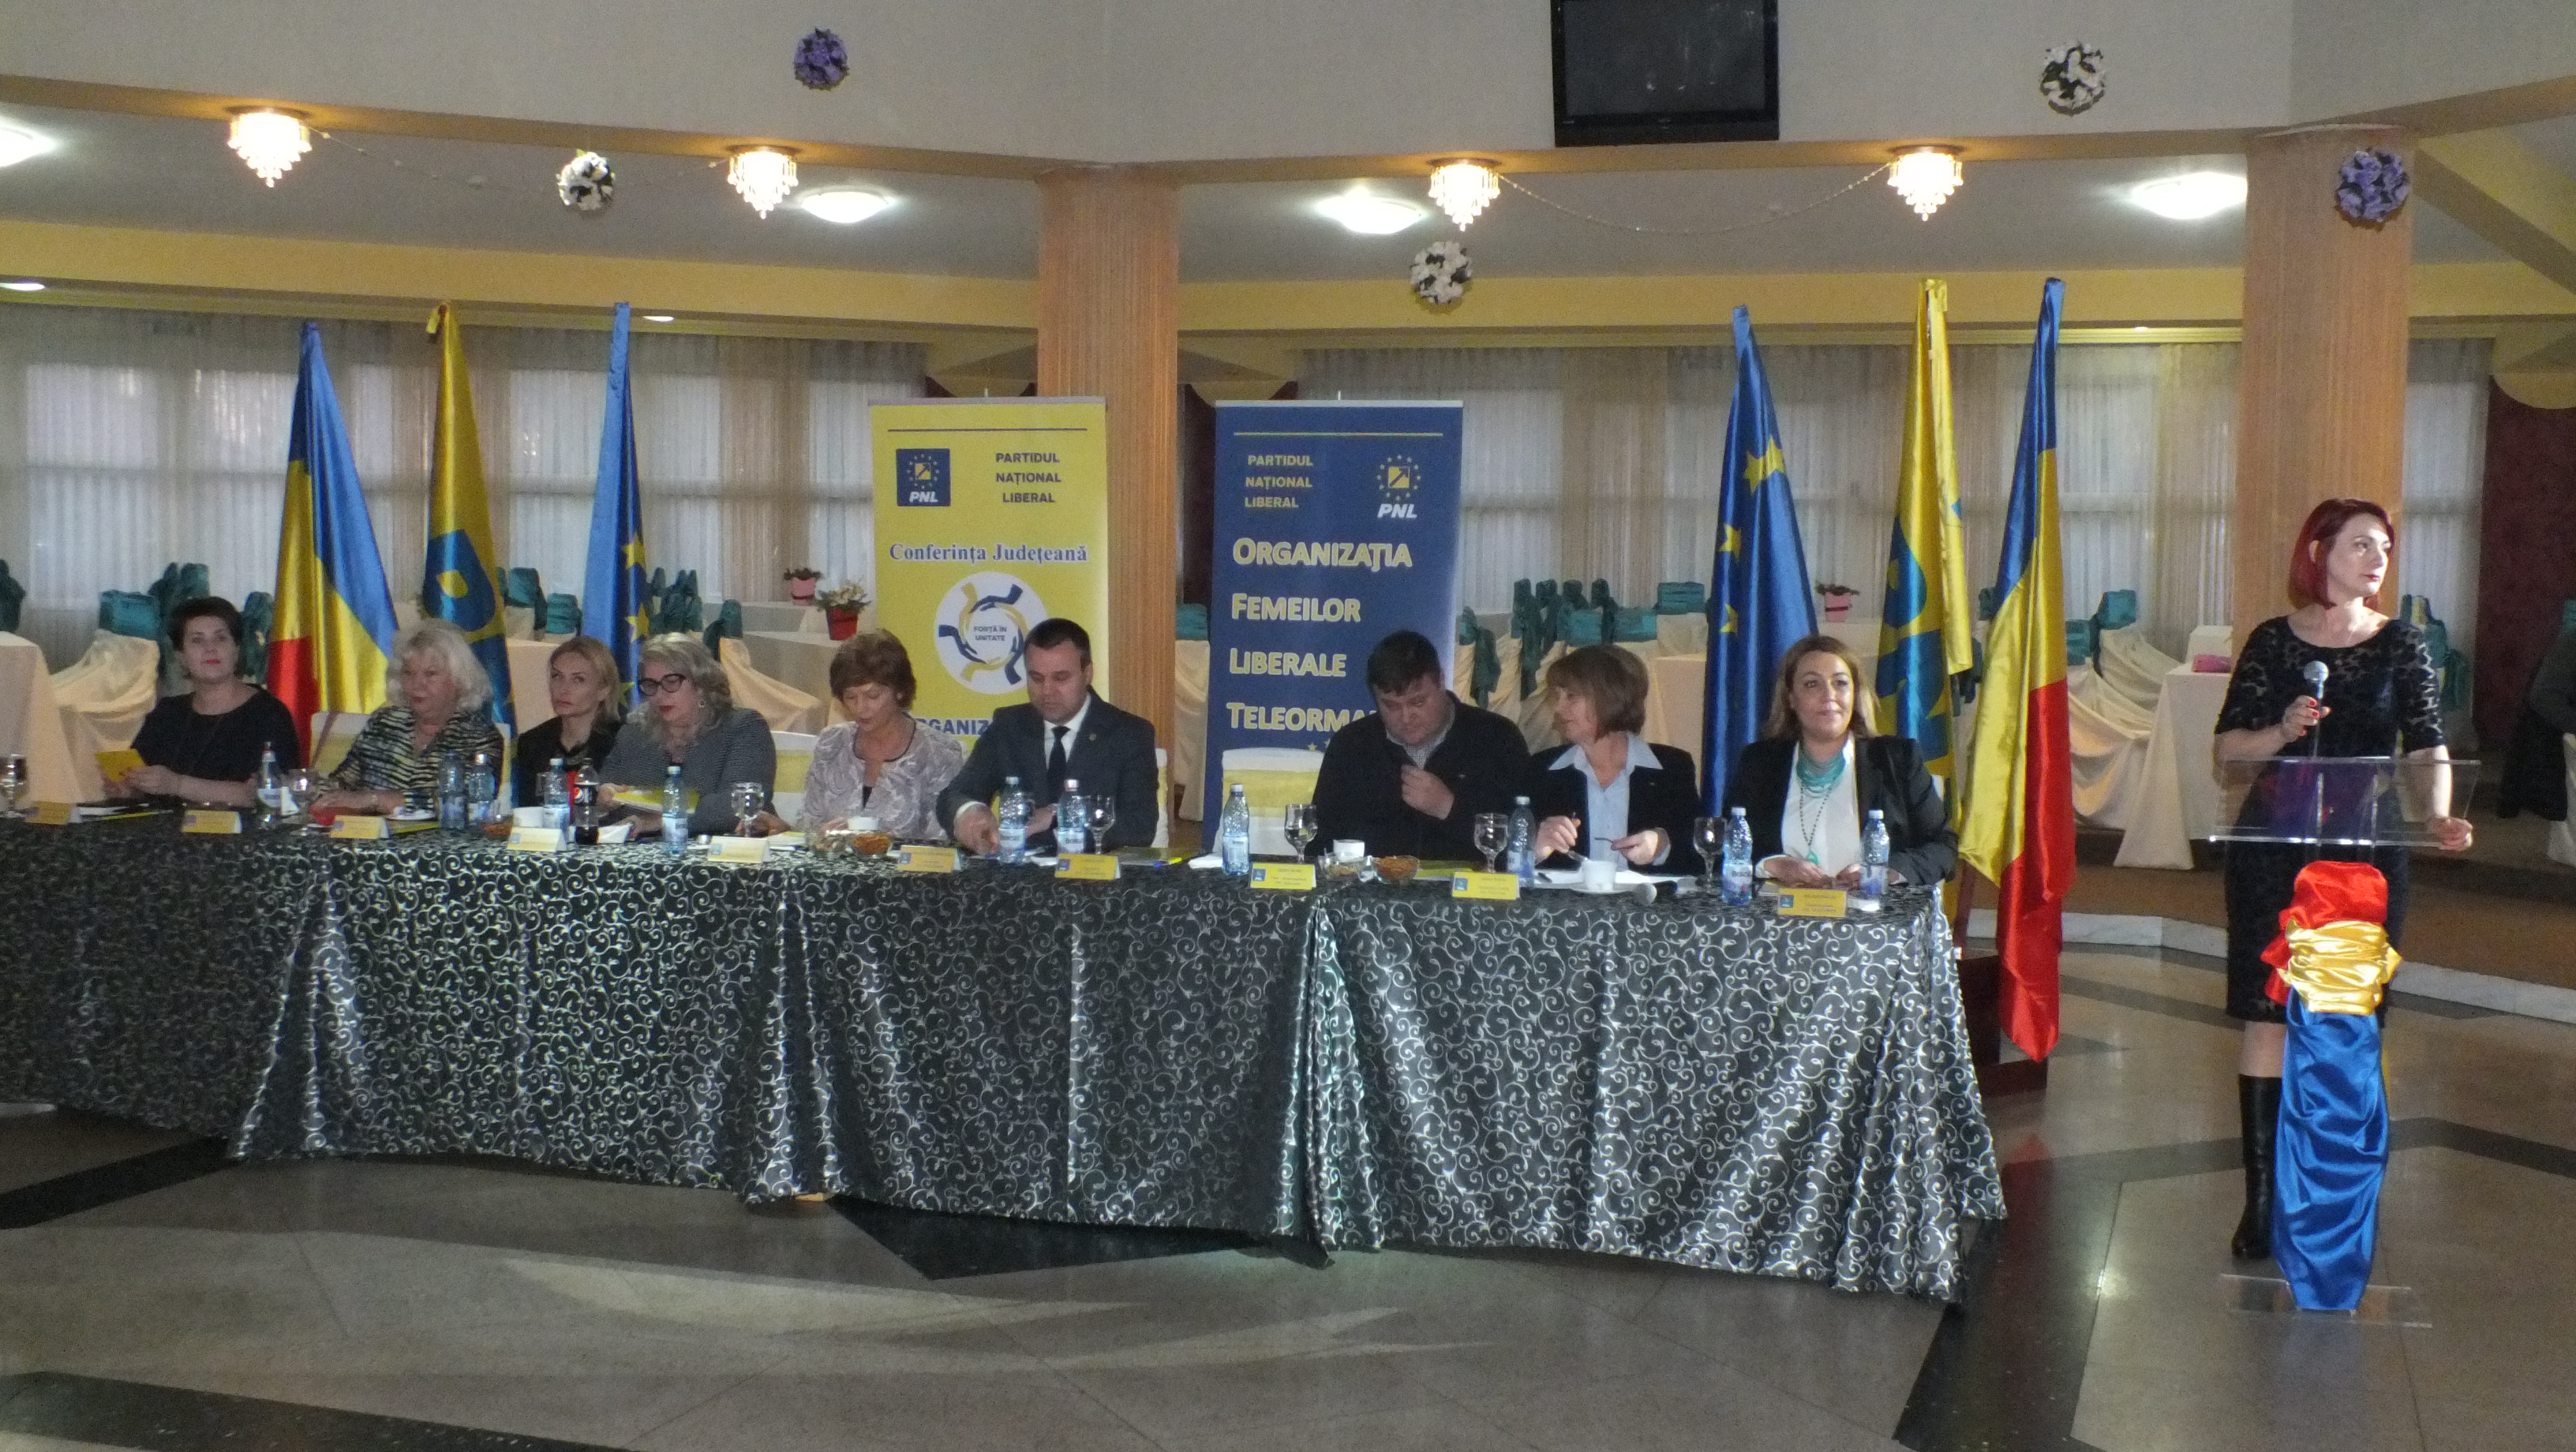 Florina Urdoi a fost aleasă preşedinte al Organizaţiei Femeilor Liberale din Teleorman